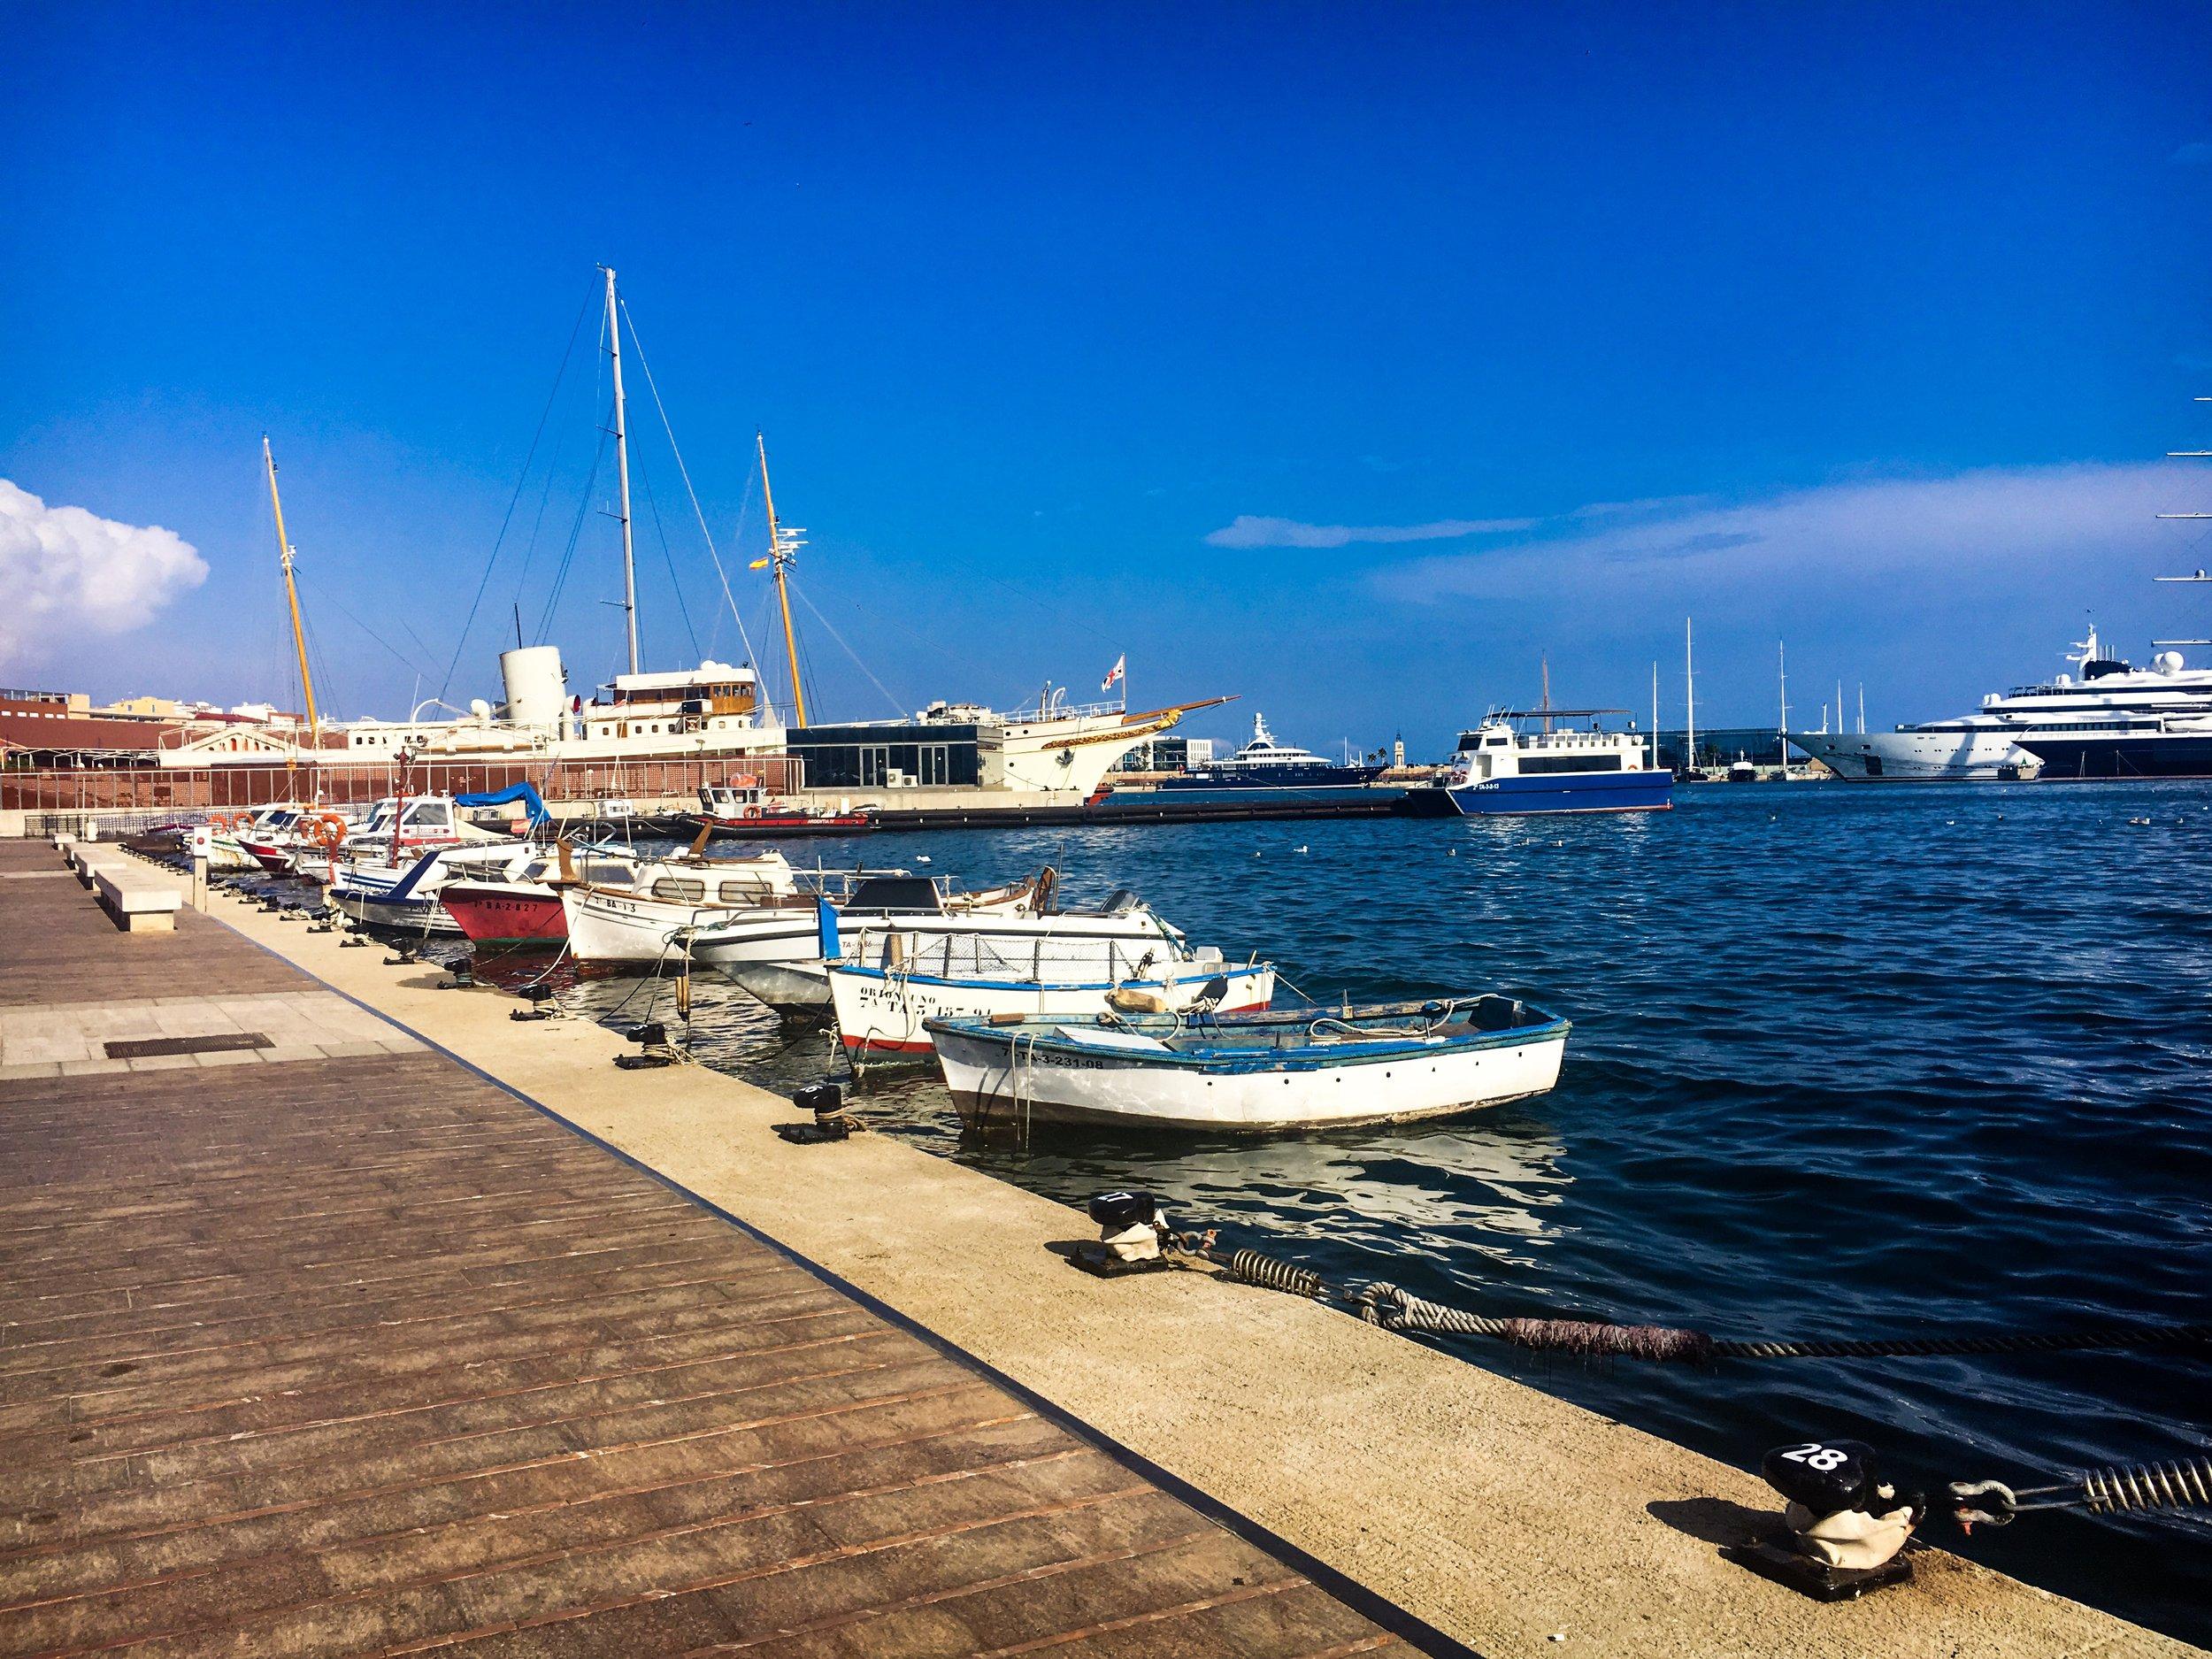 Port in Tarragona, Spain